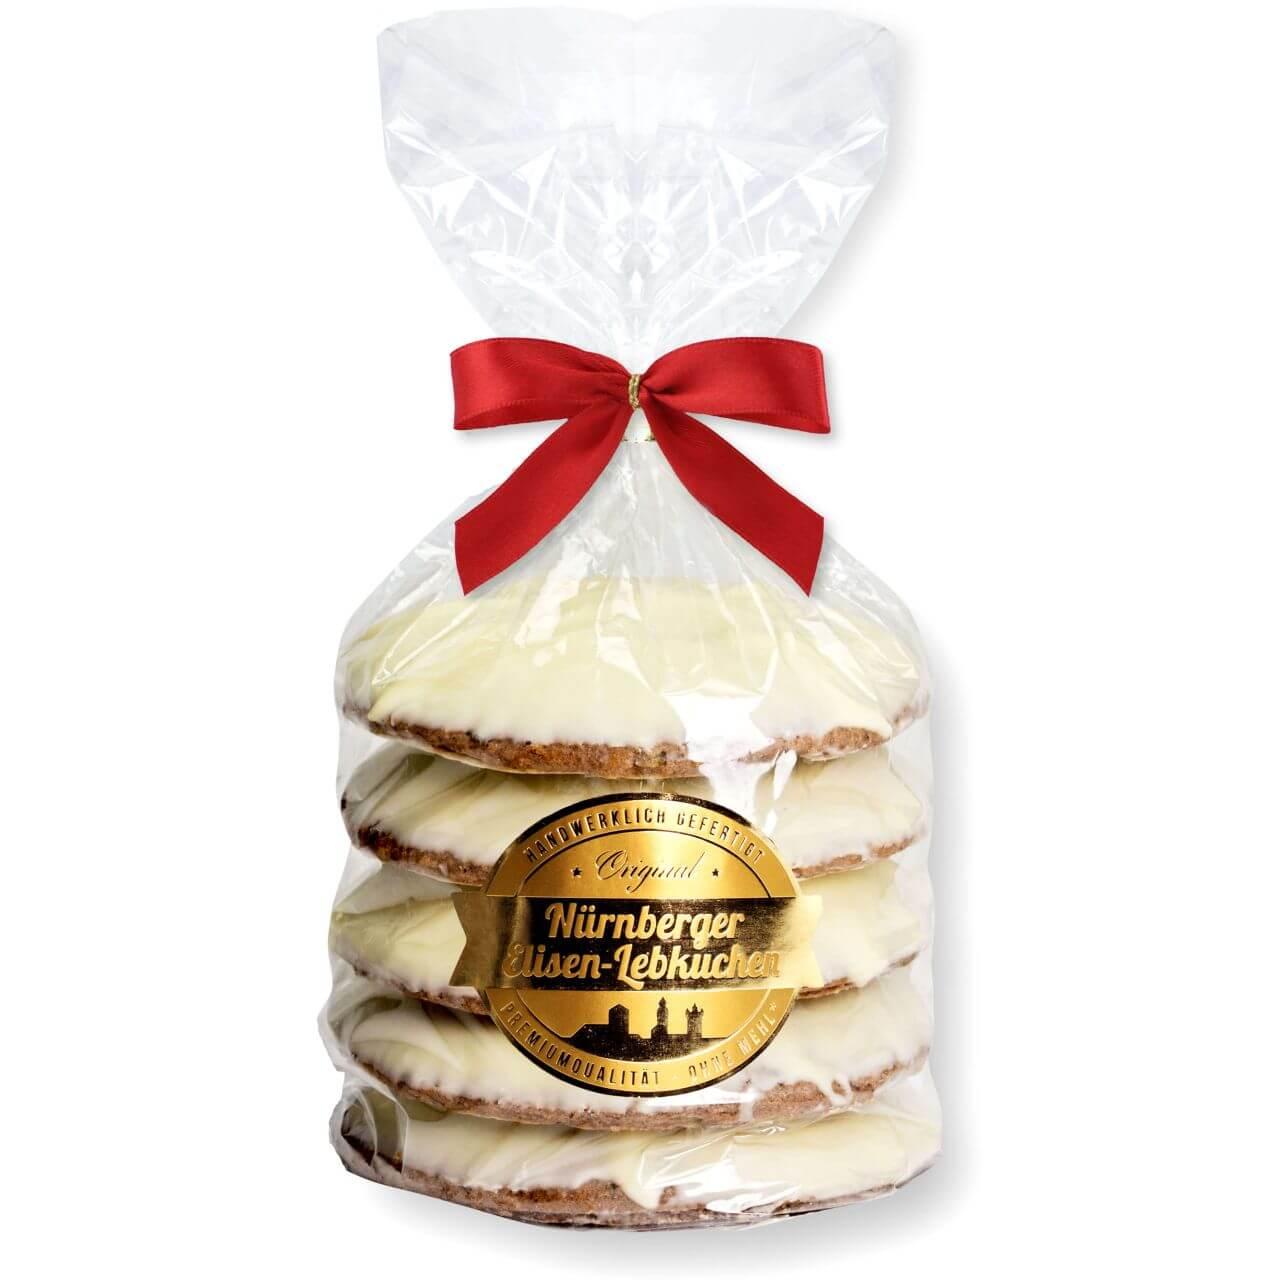 Nuremberg Elisen Lebkuchen Gingerbread White Chocolate